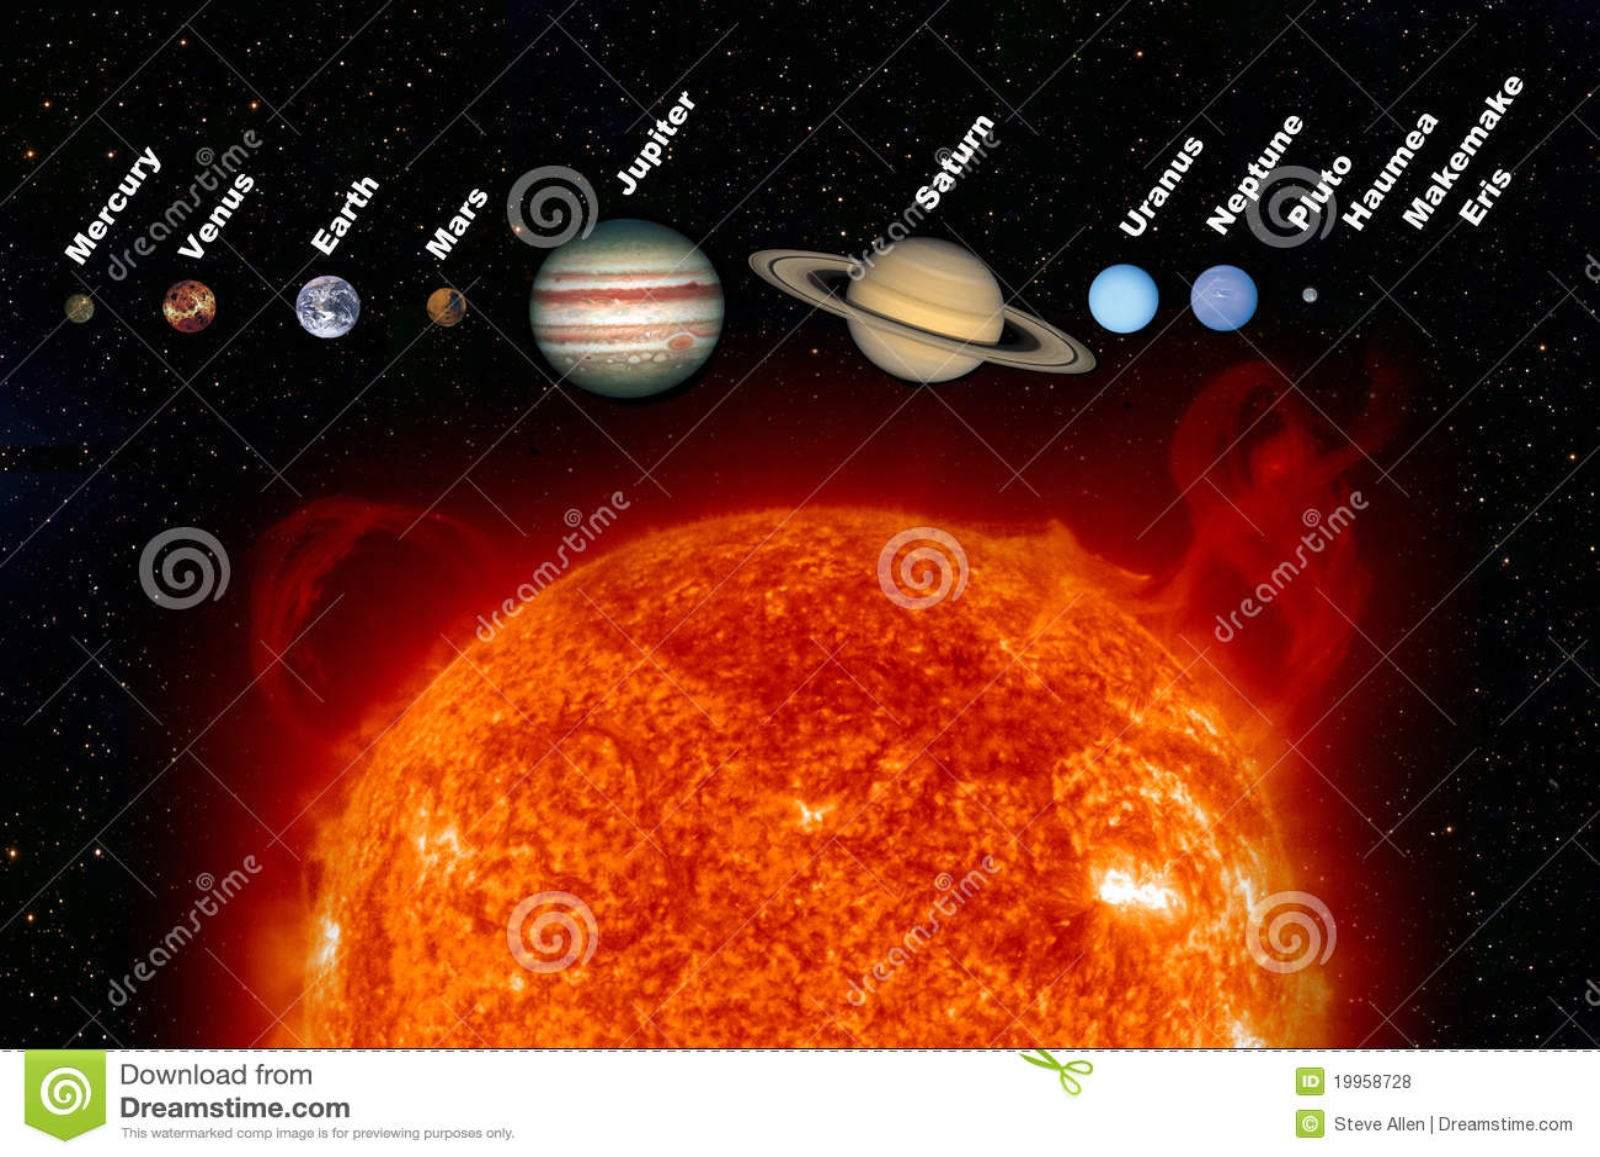 Ruimte zonnestelsel onderwijs stock illustratie afbeelding 19958728 - Foto van de eetkamer ...